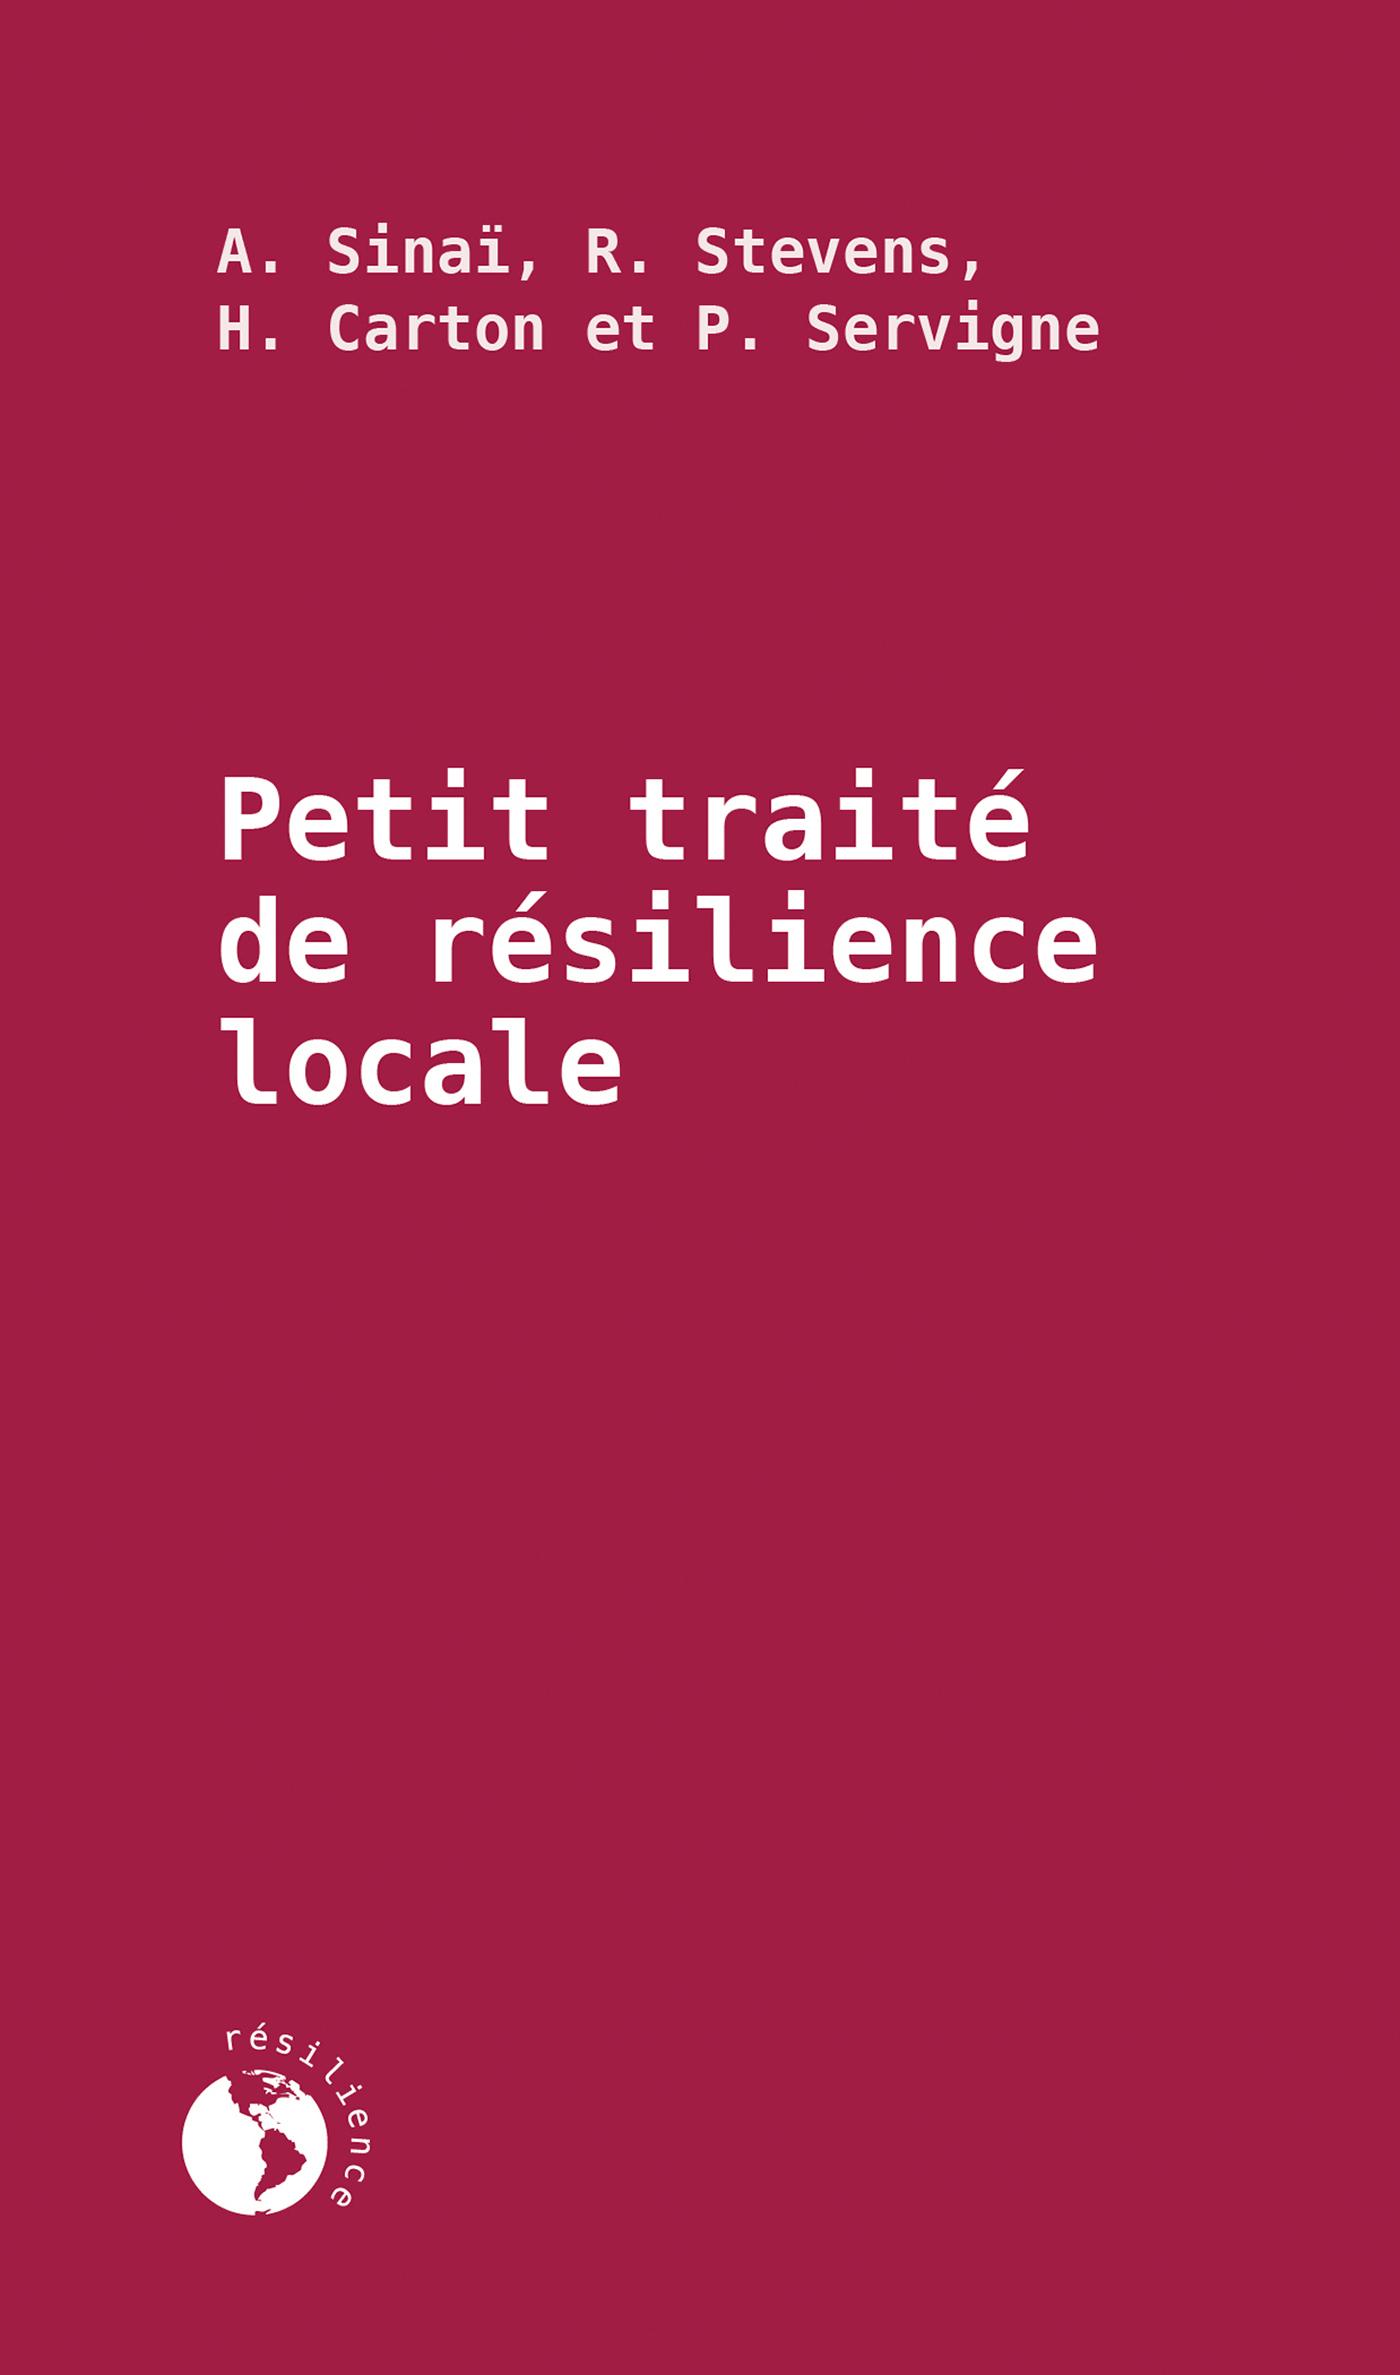 Petit traité de résilience locale